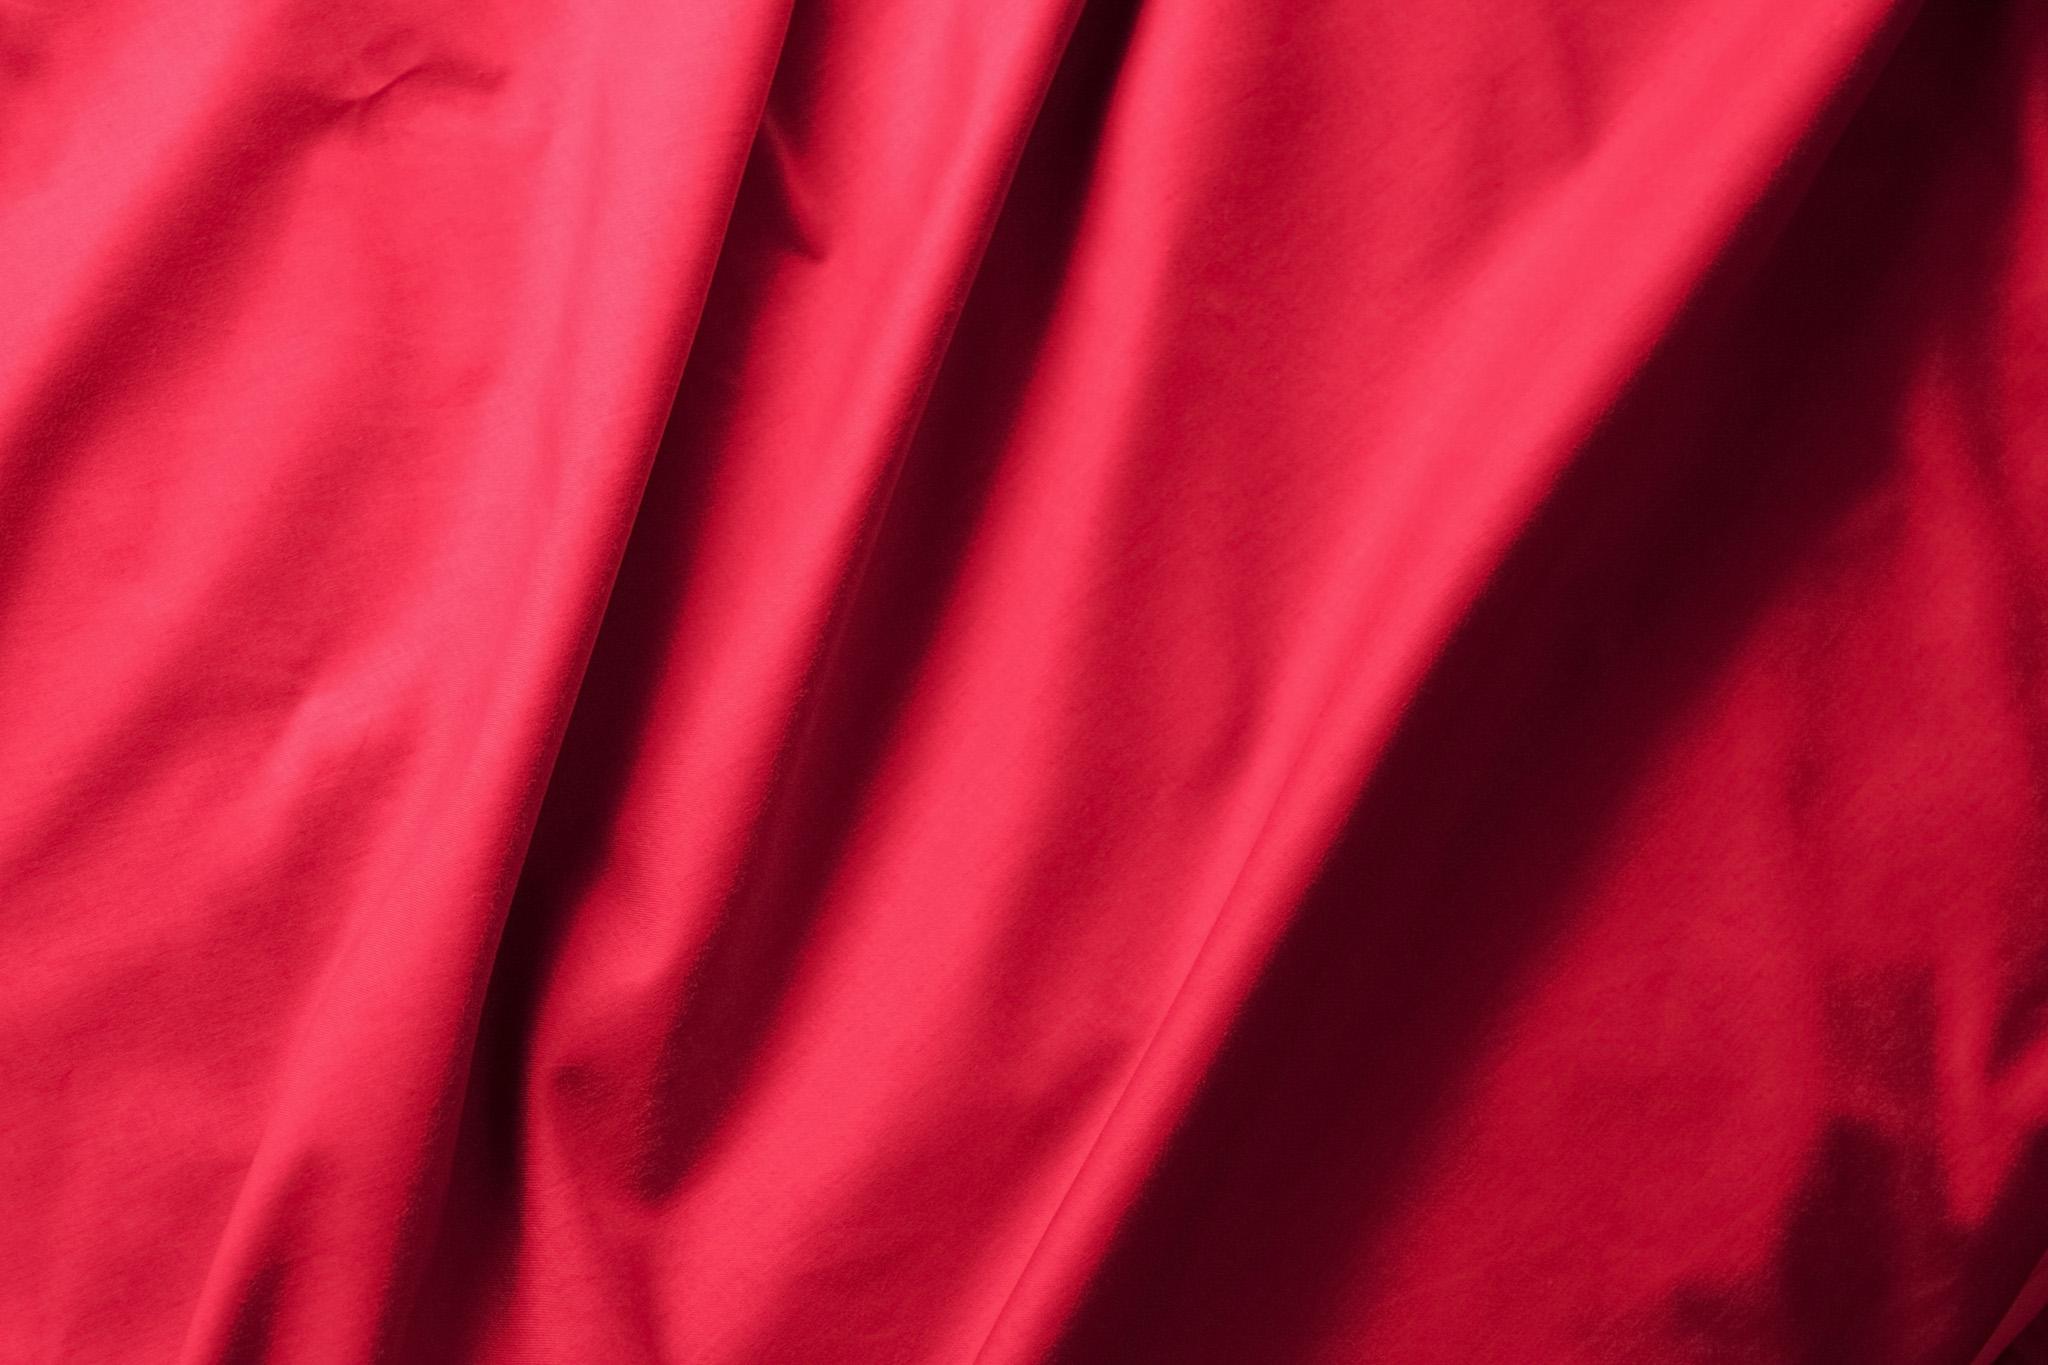 「赤色の布のバックグラウンド」の素材を無料ダウンロード